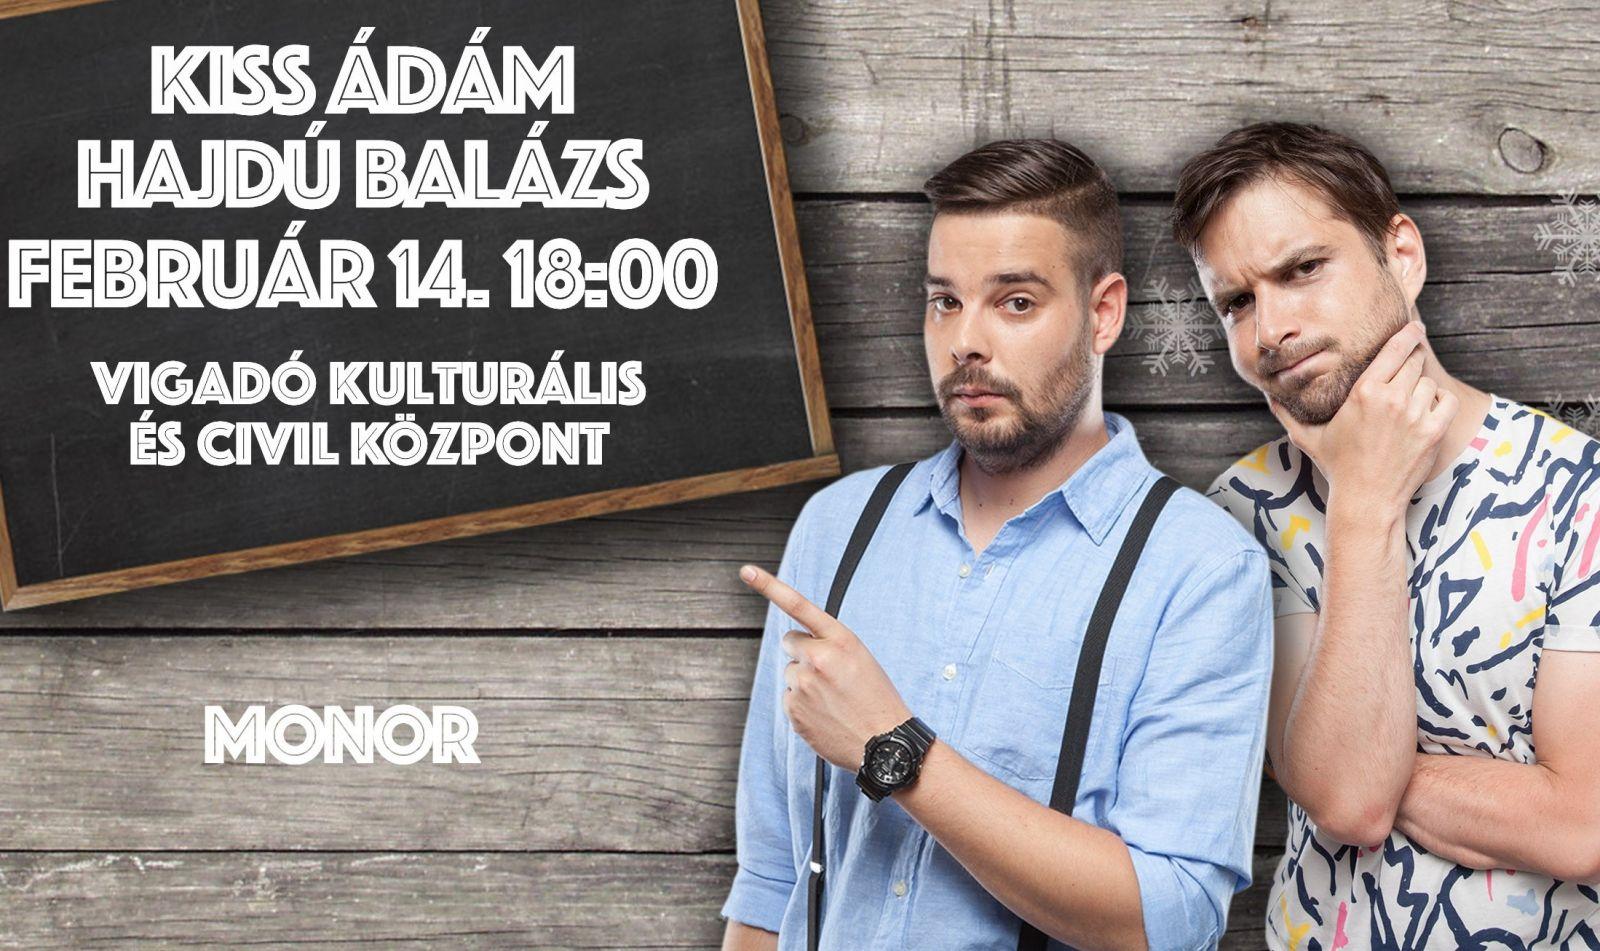 Dumaszínház: Kiss Ádám és Hajdú Balázs Monoron